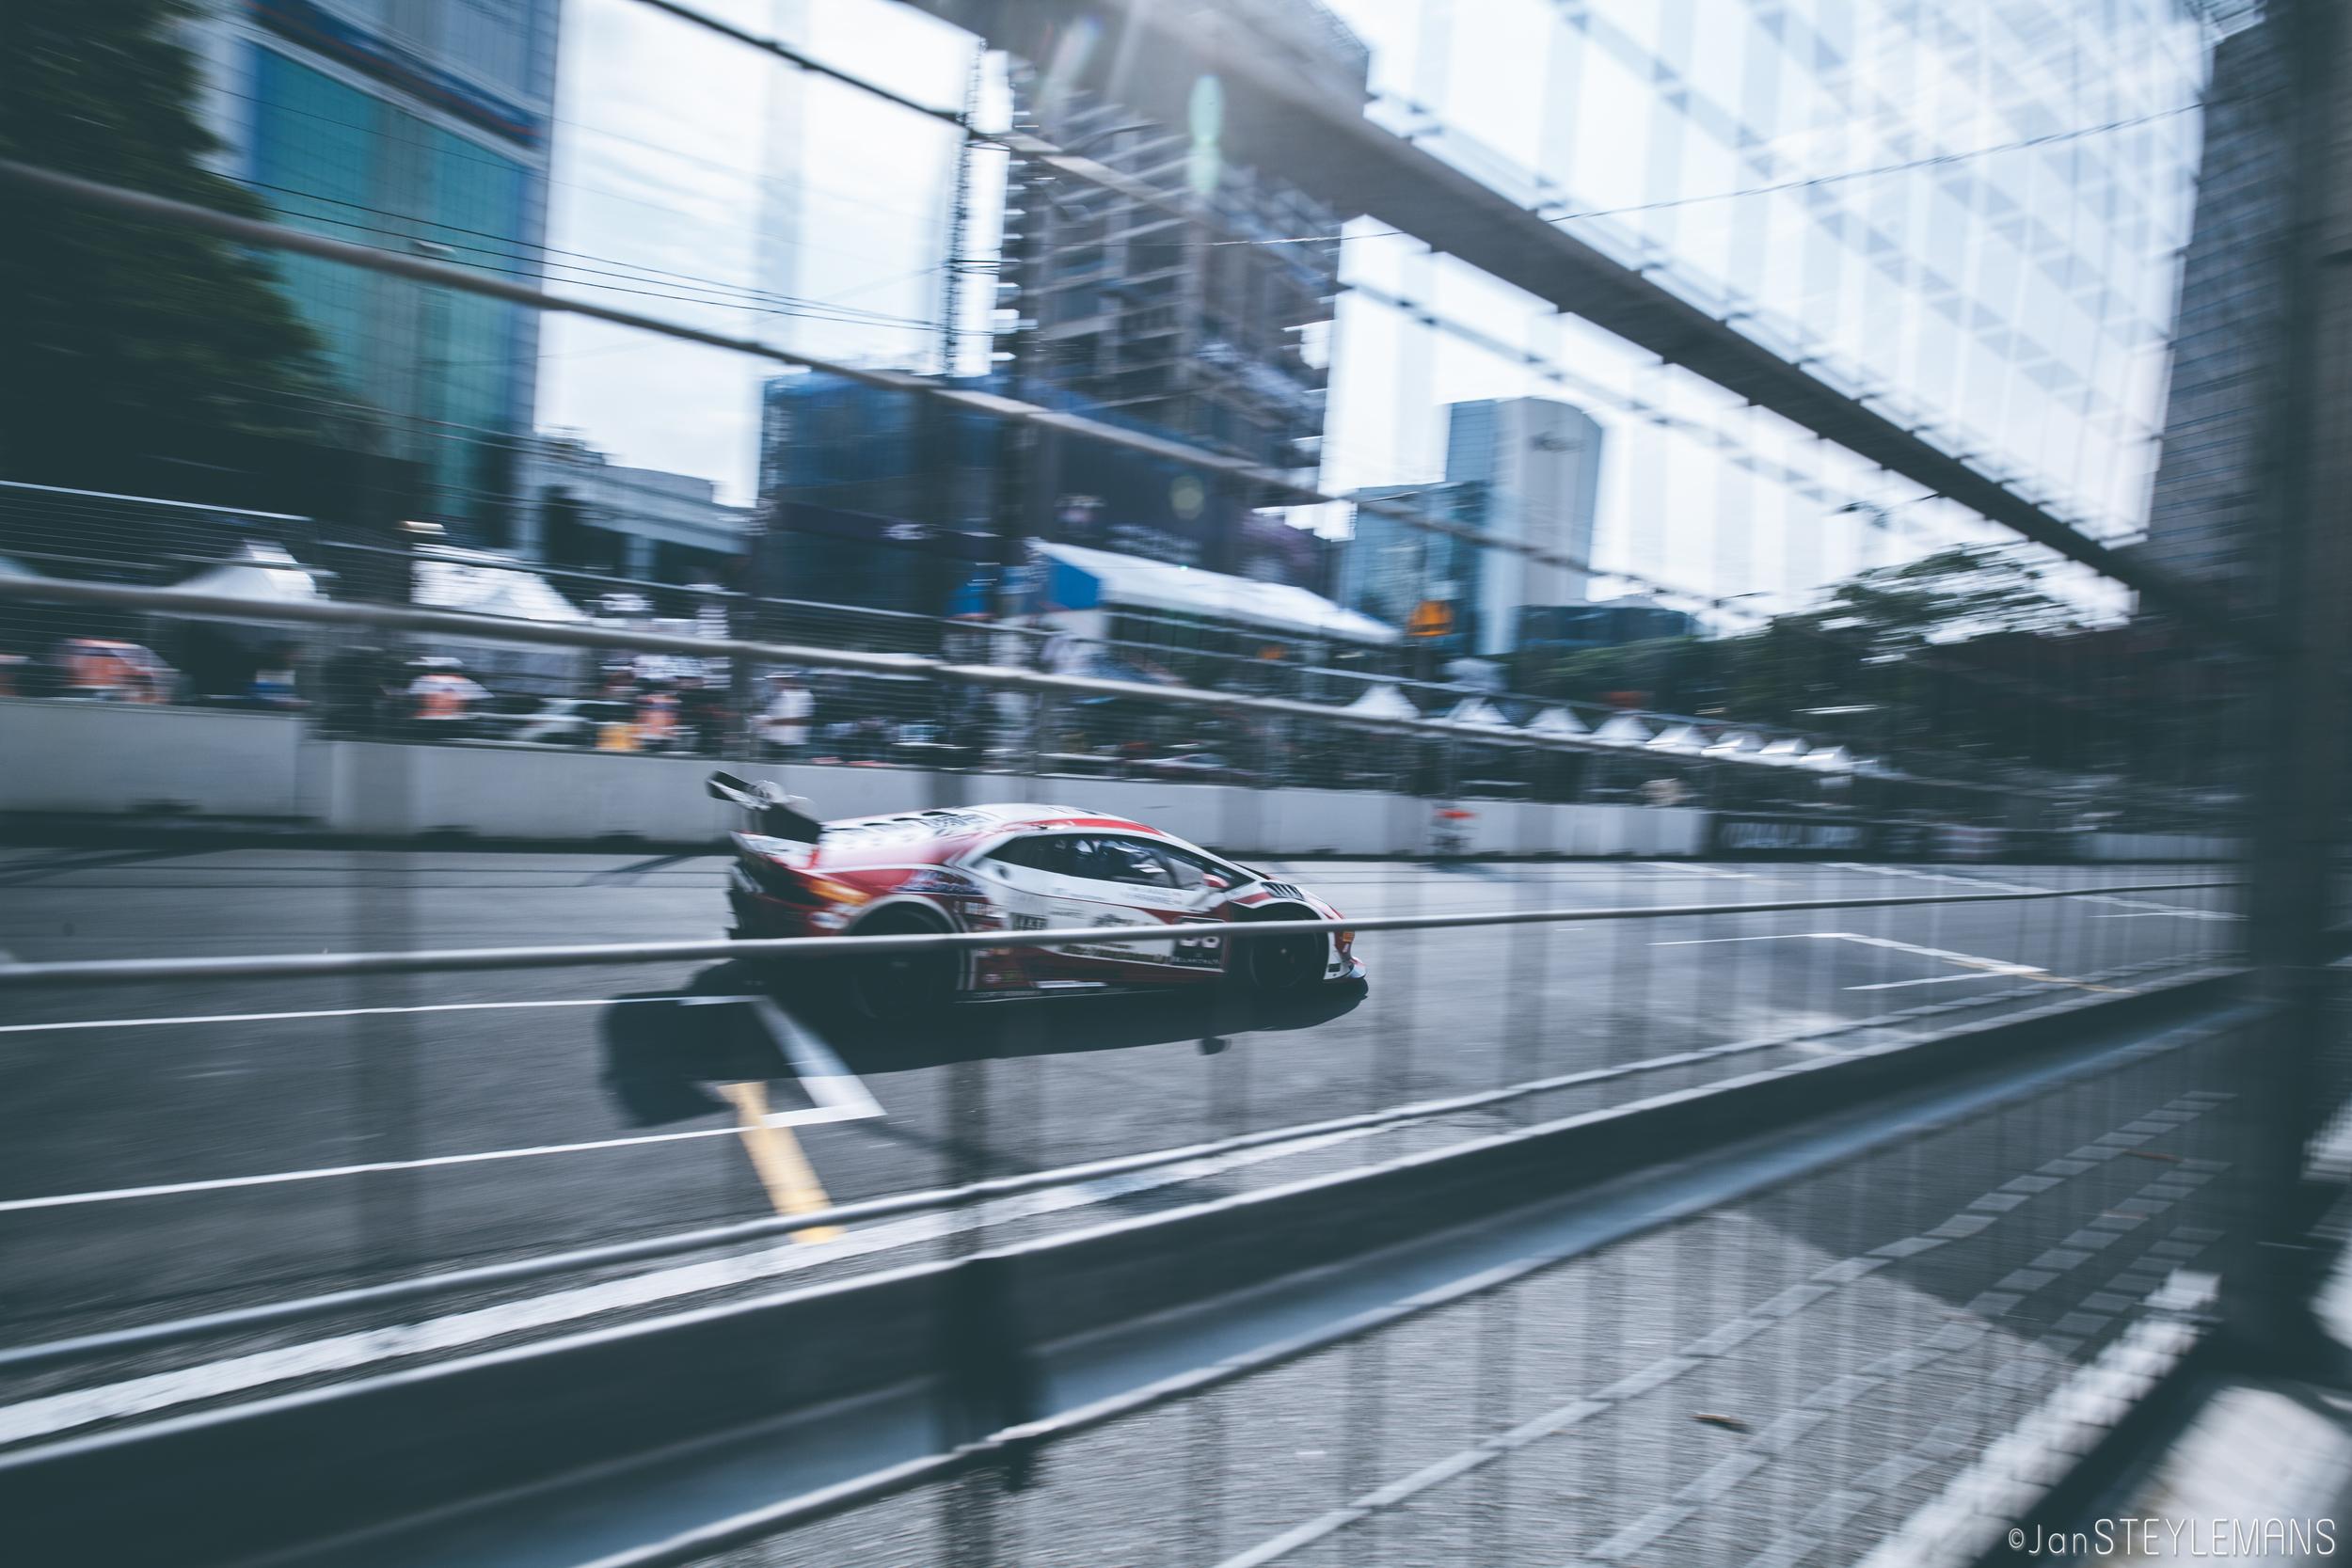 City Grand Prix, Kuala Lumpur, Malaysia